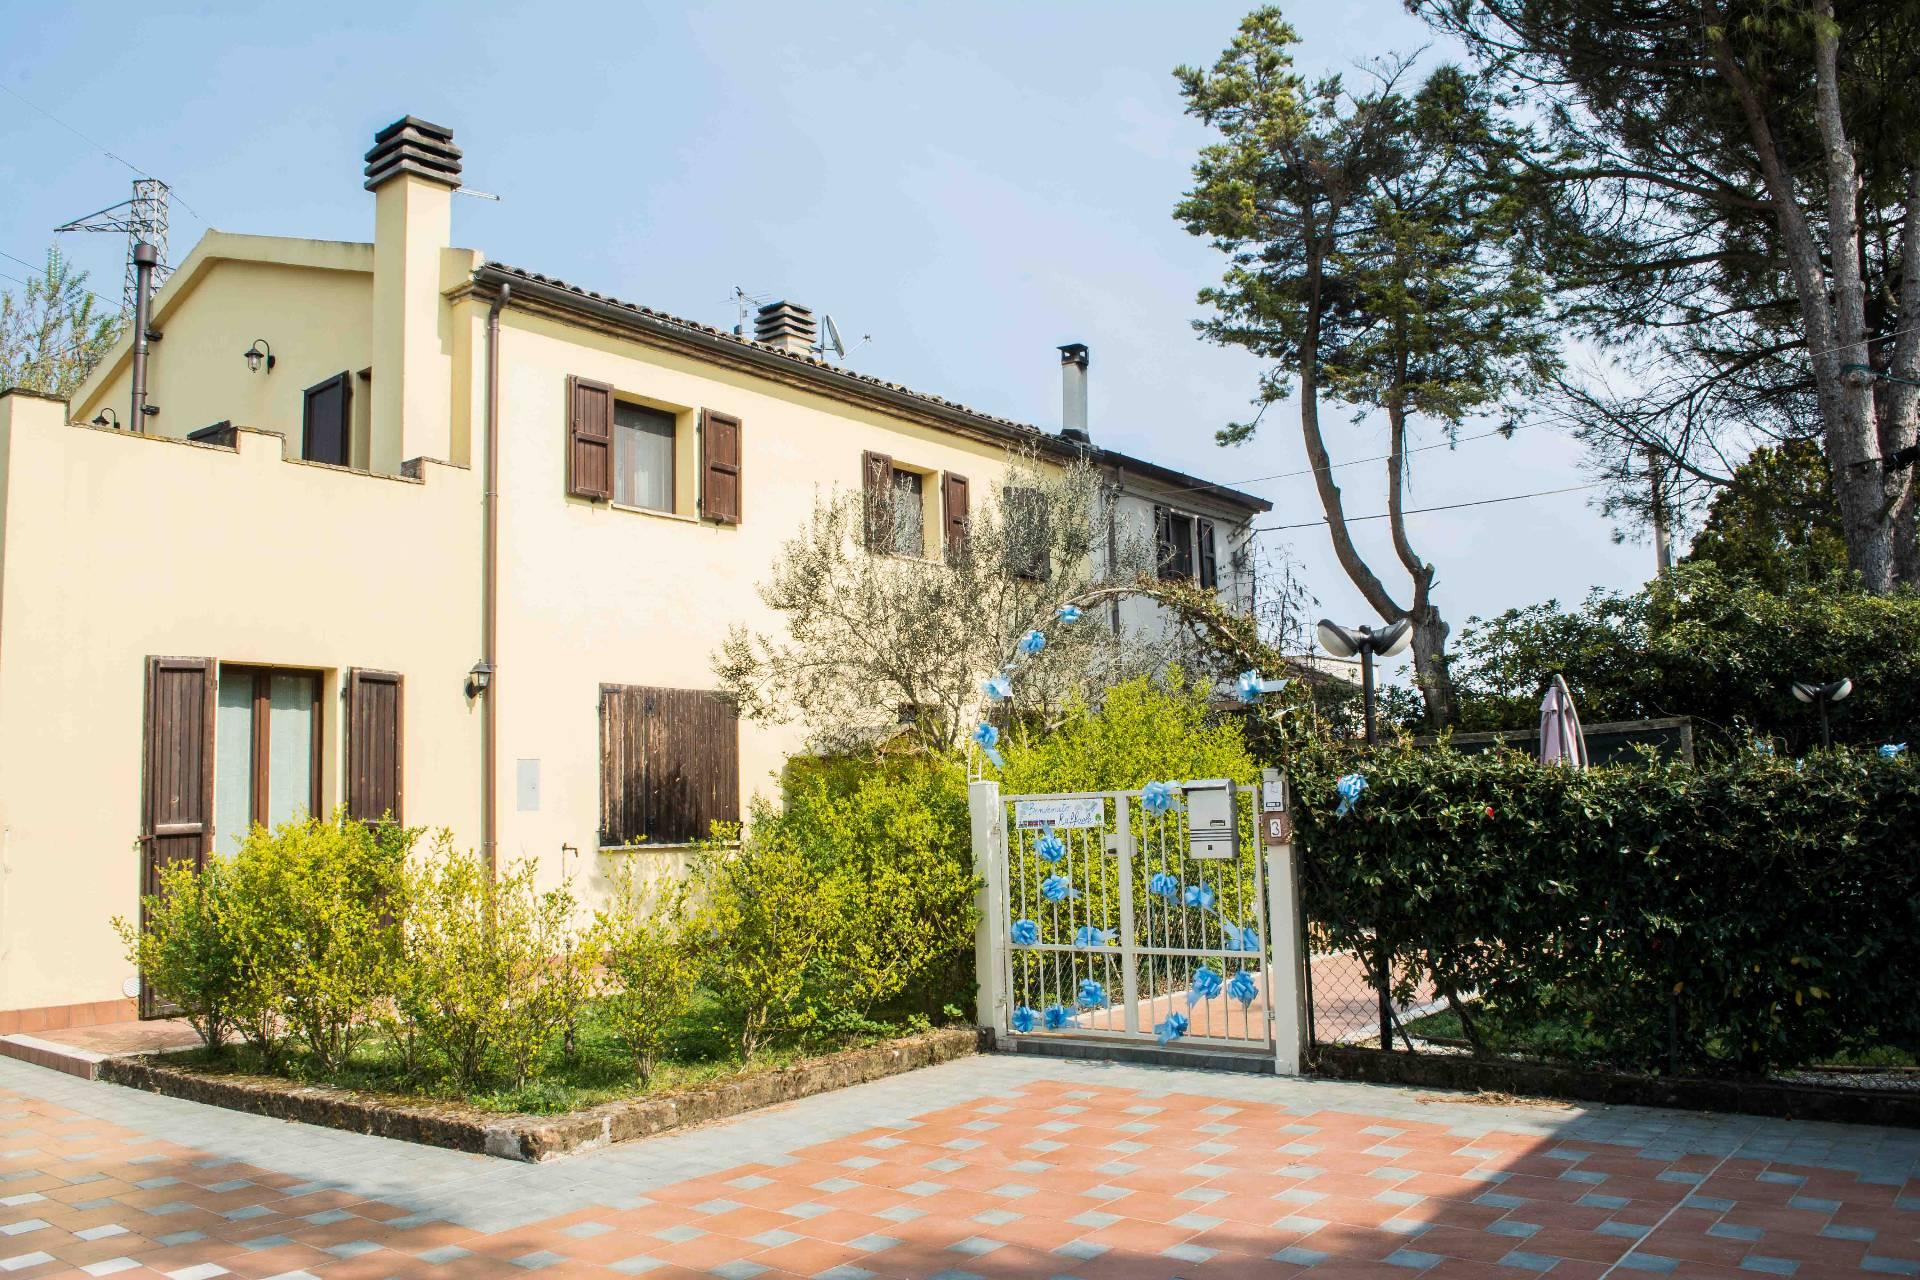 Appartamento in vendita a Montemarciano, 6 locali, prezzo € 165.000 | Cambio Casa.it